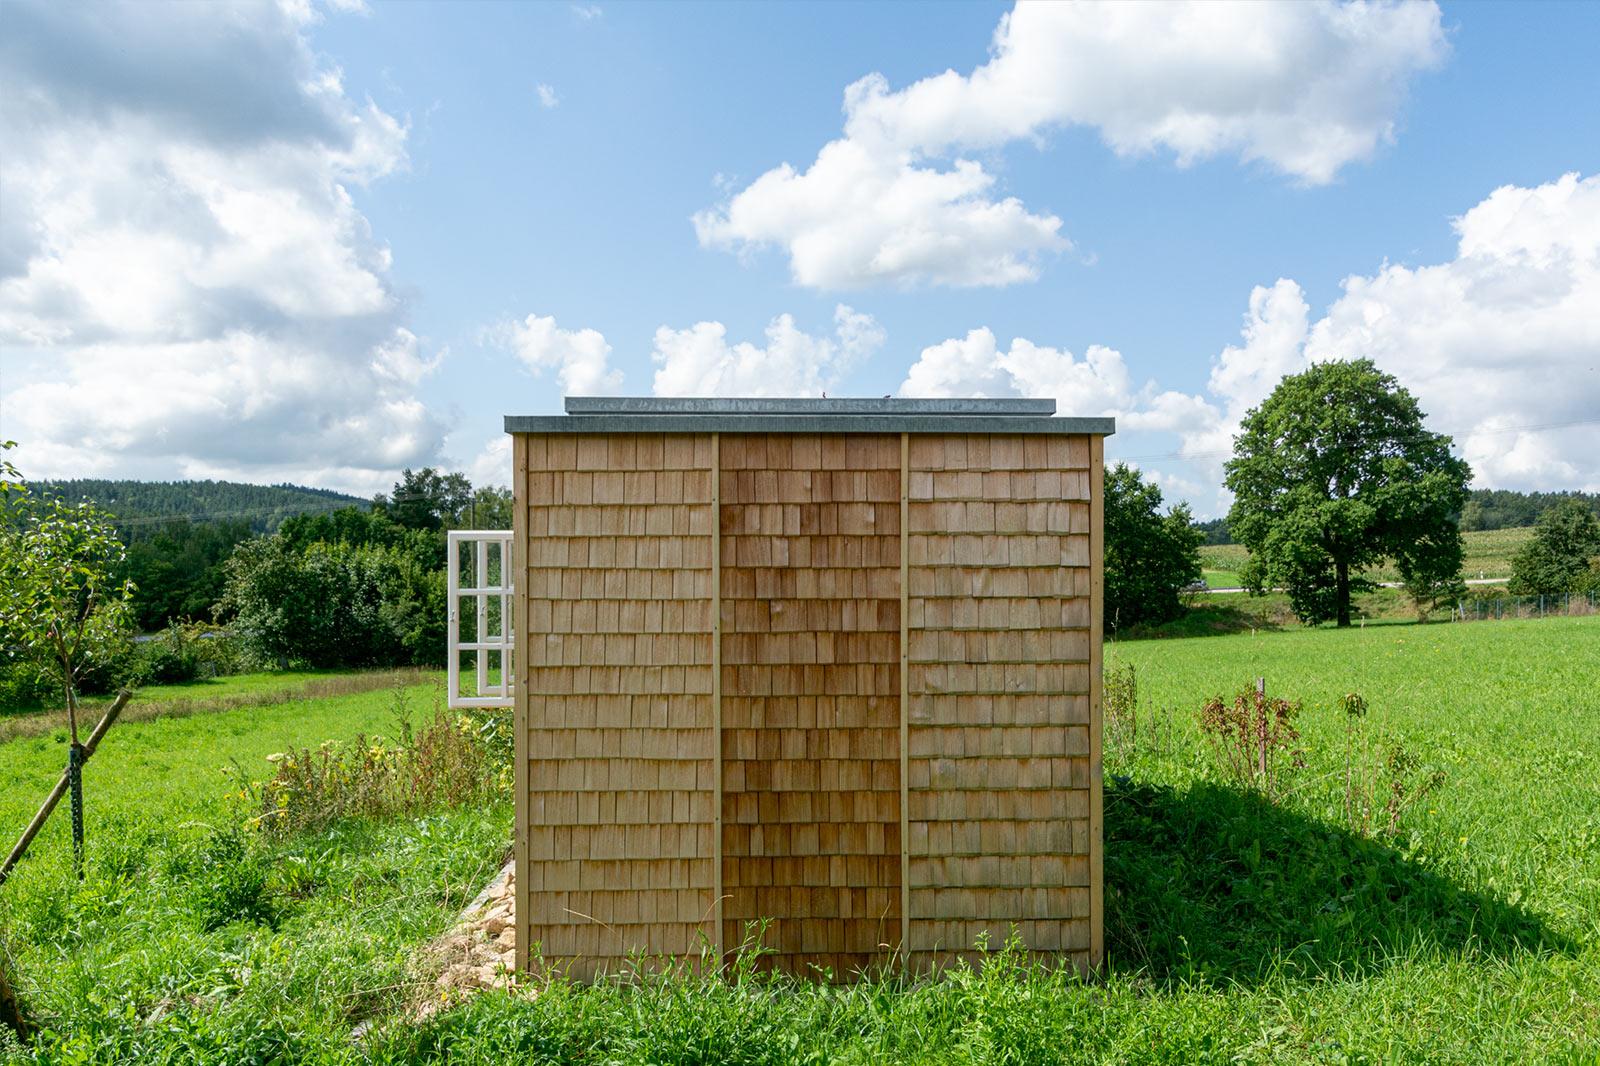 Freibewitterungsstand mit Raum für Bienen Architektur Schönberger